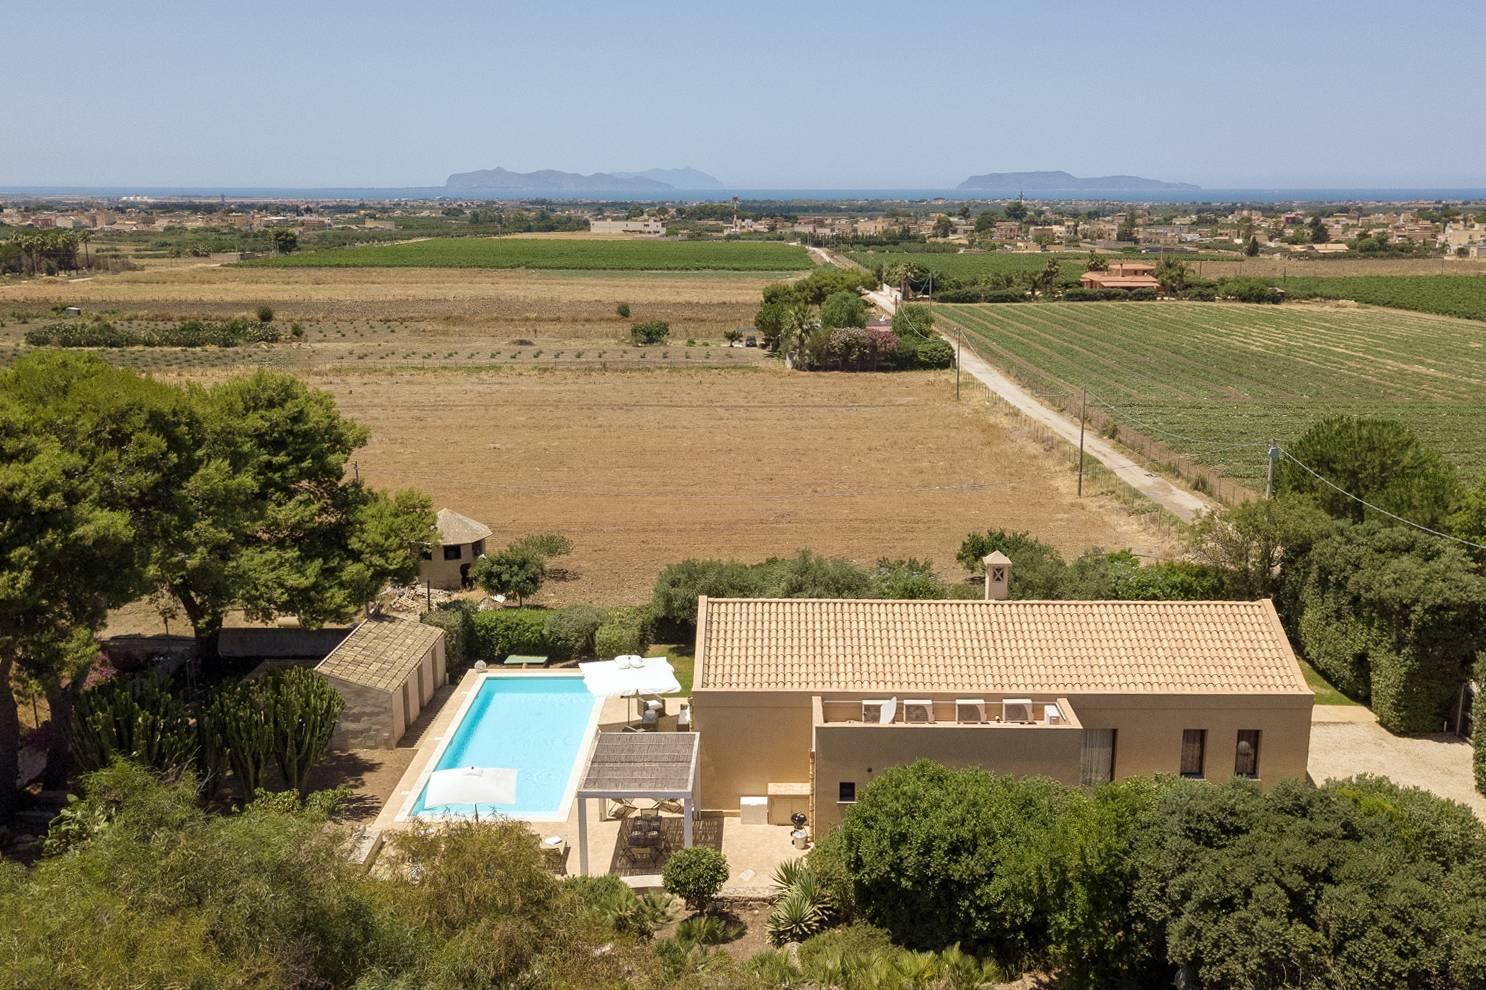 Villa in Vendita a Trapani: 5 locali, 201 mq - Foto 22